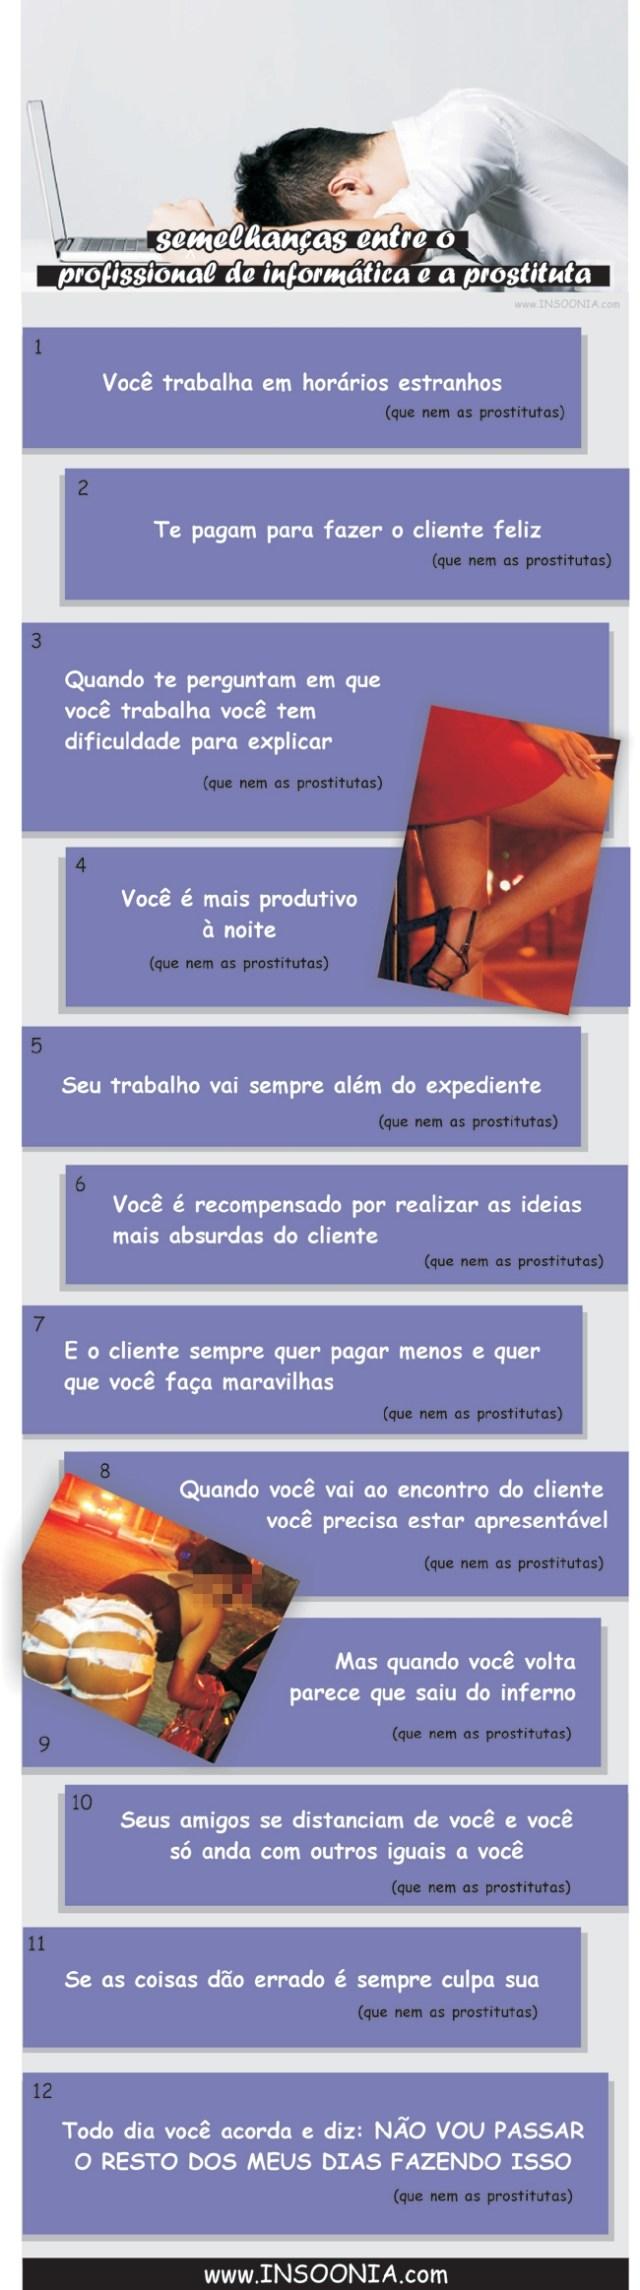 semelhanças_profissional_de_informática_e_as_prostitutas